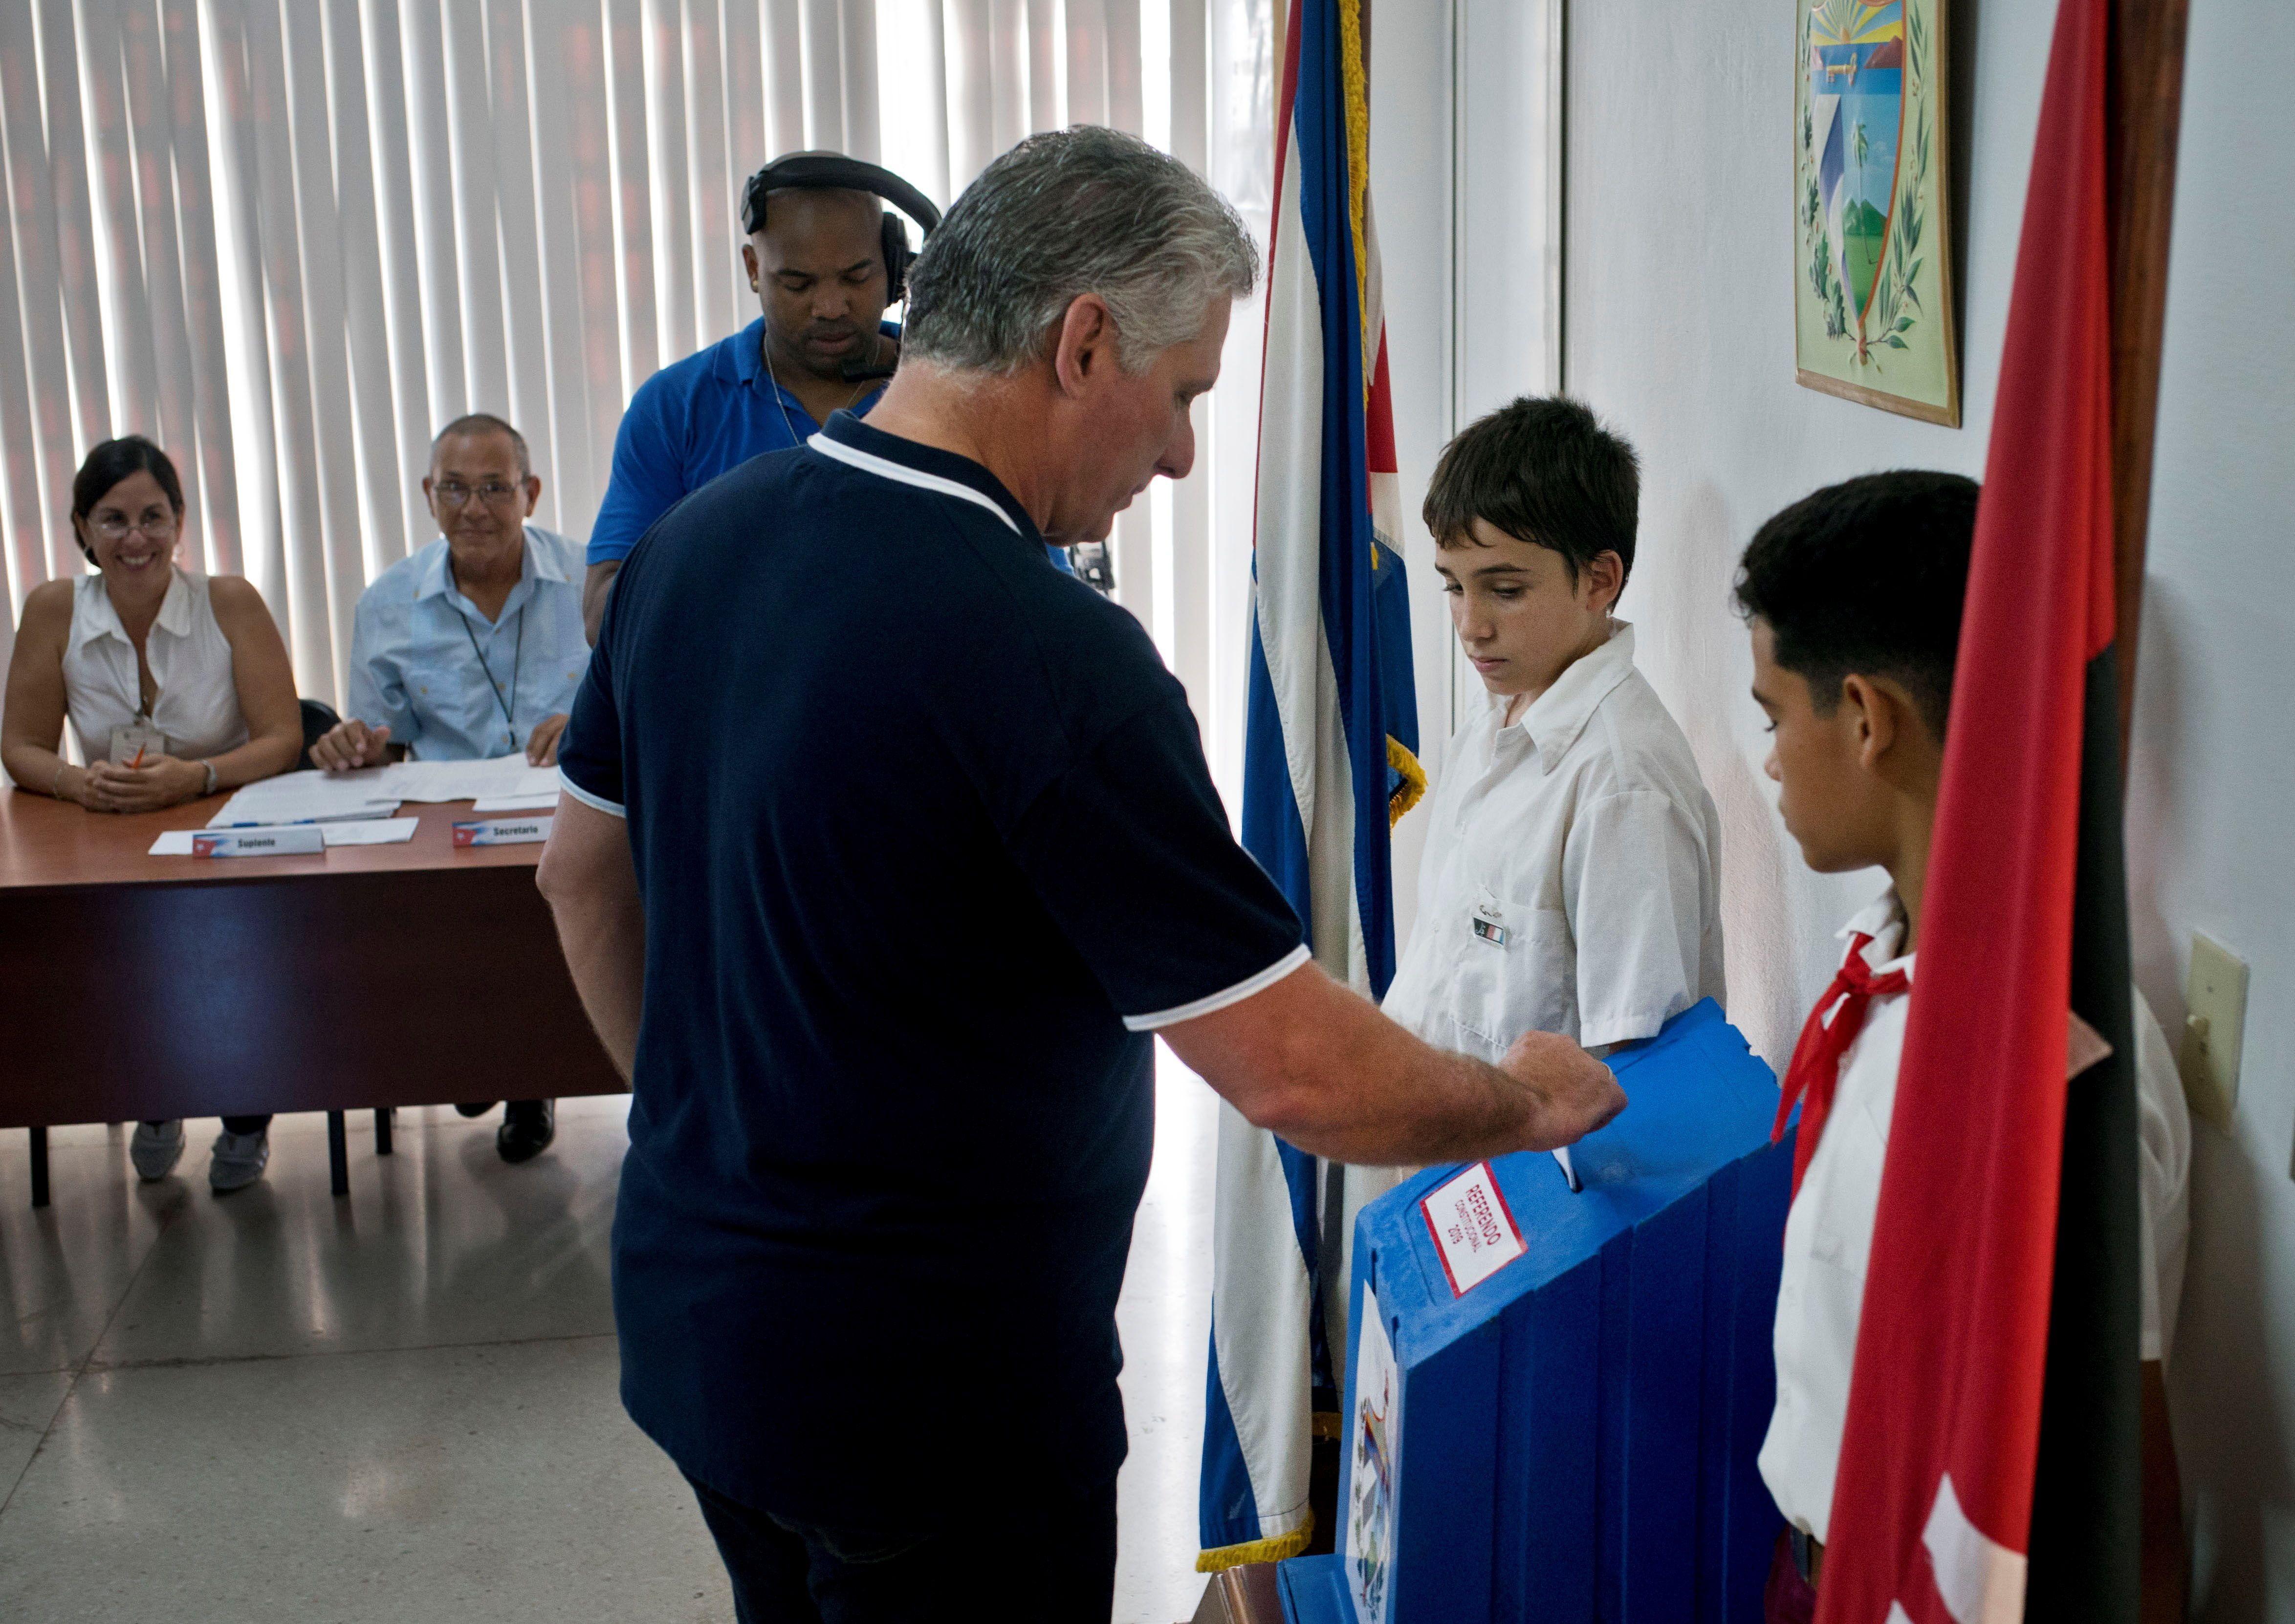 El presidente cubano Miguel Diaz-Canel vota en un colegio electoral del municipio habanero de Playa, en el referendo constitucional cubano el 24 de febrero de 2019. Foto: Ramón Espinosa / POOL / EFE.